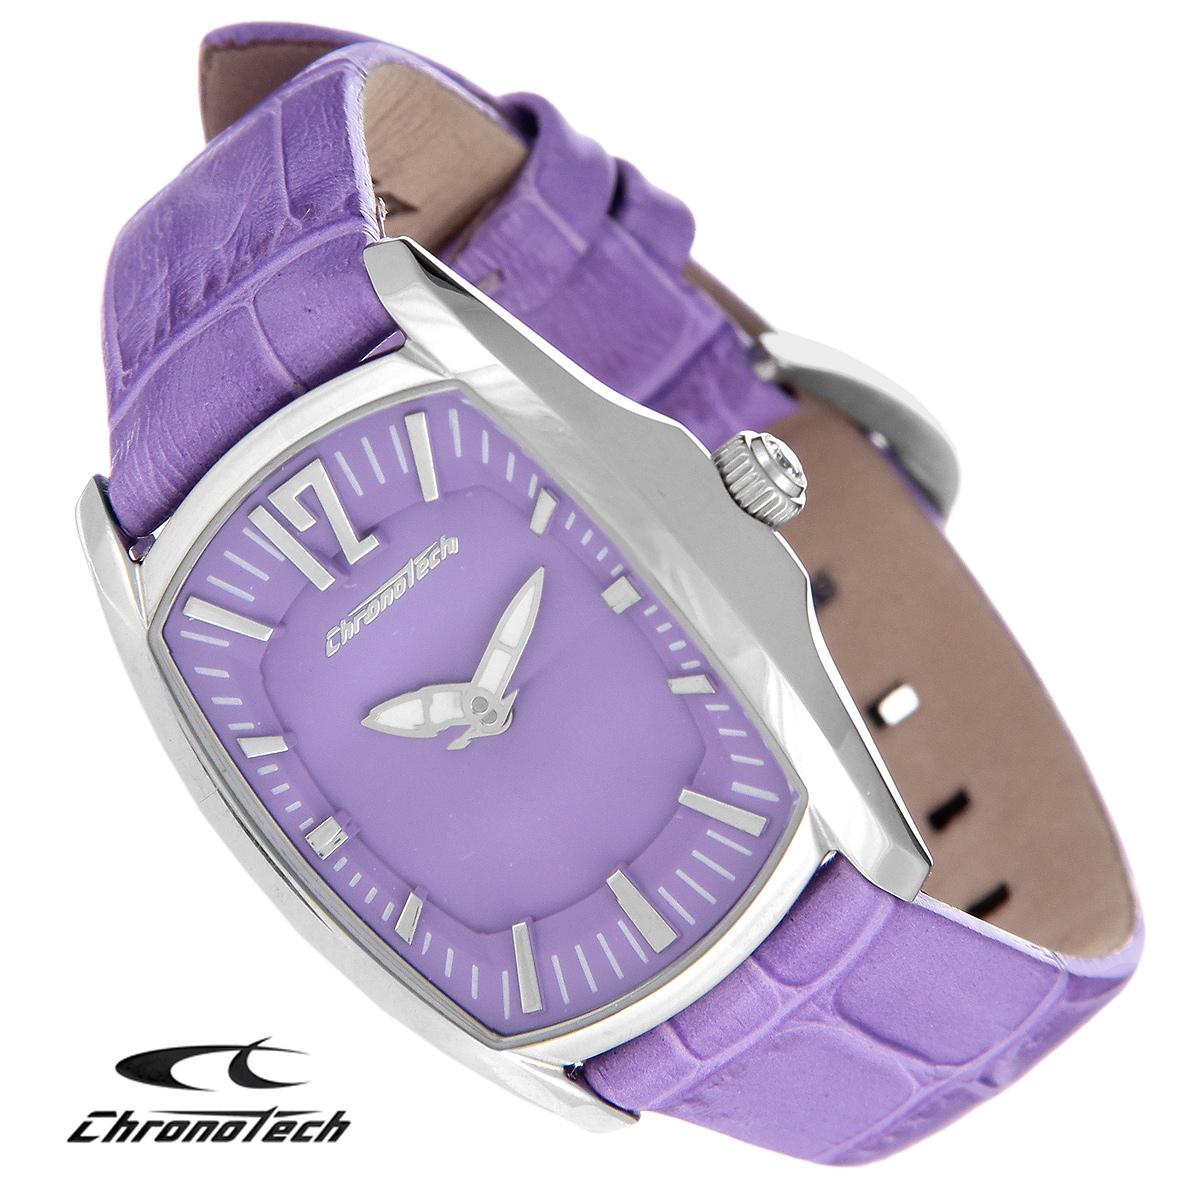 Часы женские наручные Chronotech, цвет: сиреневый. CT.7219L/07BM8434-58AEЧасы Chronotech - это часы для современных и стильных девушек, которые стремятся выделиться из толпы и подчеркнуть свою индивидуальность. Корпус часов выполнен из нержавеющей стали. Циферблат оформлен отметками и защищен минеральным стеклом с огранкой. Часы имеют две стрелки - часовую и минутную. Стрелки светятся в темноте. Ремешок часов выполнен из натуральной кожи с тиснением и застегивается на классическую застежку. Часы упакованы в фирменную коробку с логотипом компании Chronotech. Такой аксессуар добавит вашему образу стиля и подчеркнет безупречный вкус своей владелицы.Характеристики: Размер циферблата: 2,1 см х 2,9 см.Размер корпуса: 3 см х 3,6 см х 0,9 см.Длина ремешка (с корпусом): 21 см.Ширина ремешка: 1,5 см.